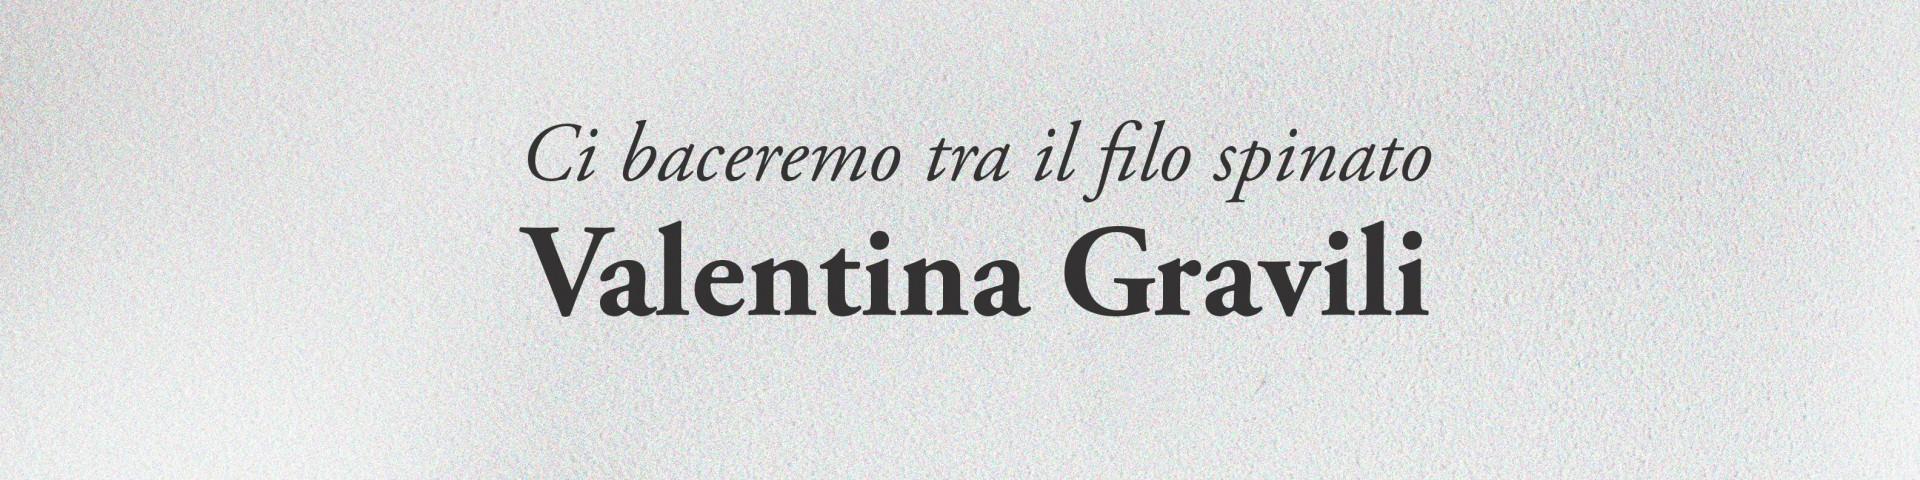 """Valentina Gravili: """"Ci baceremo tra il filo spinato"""" in uscita il 16 ottobre"""